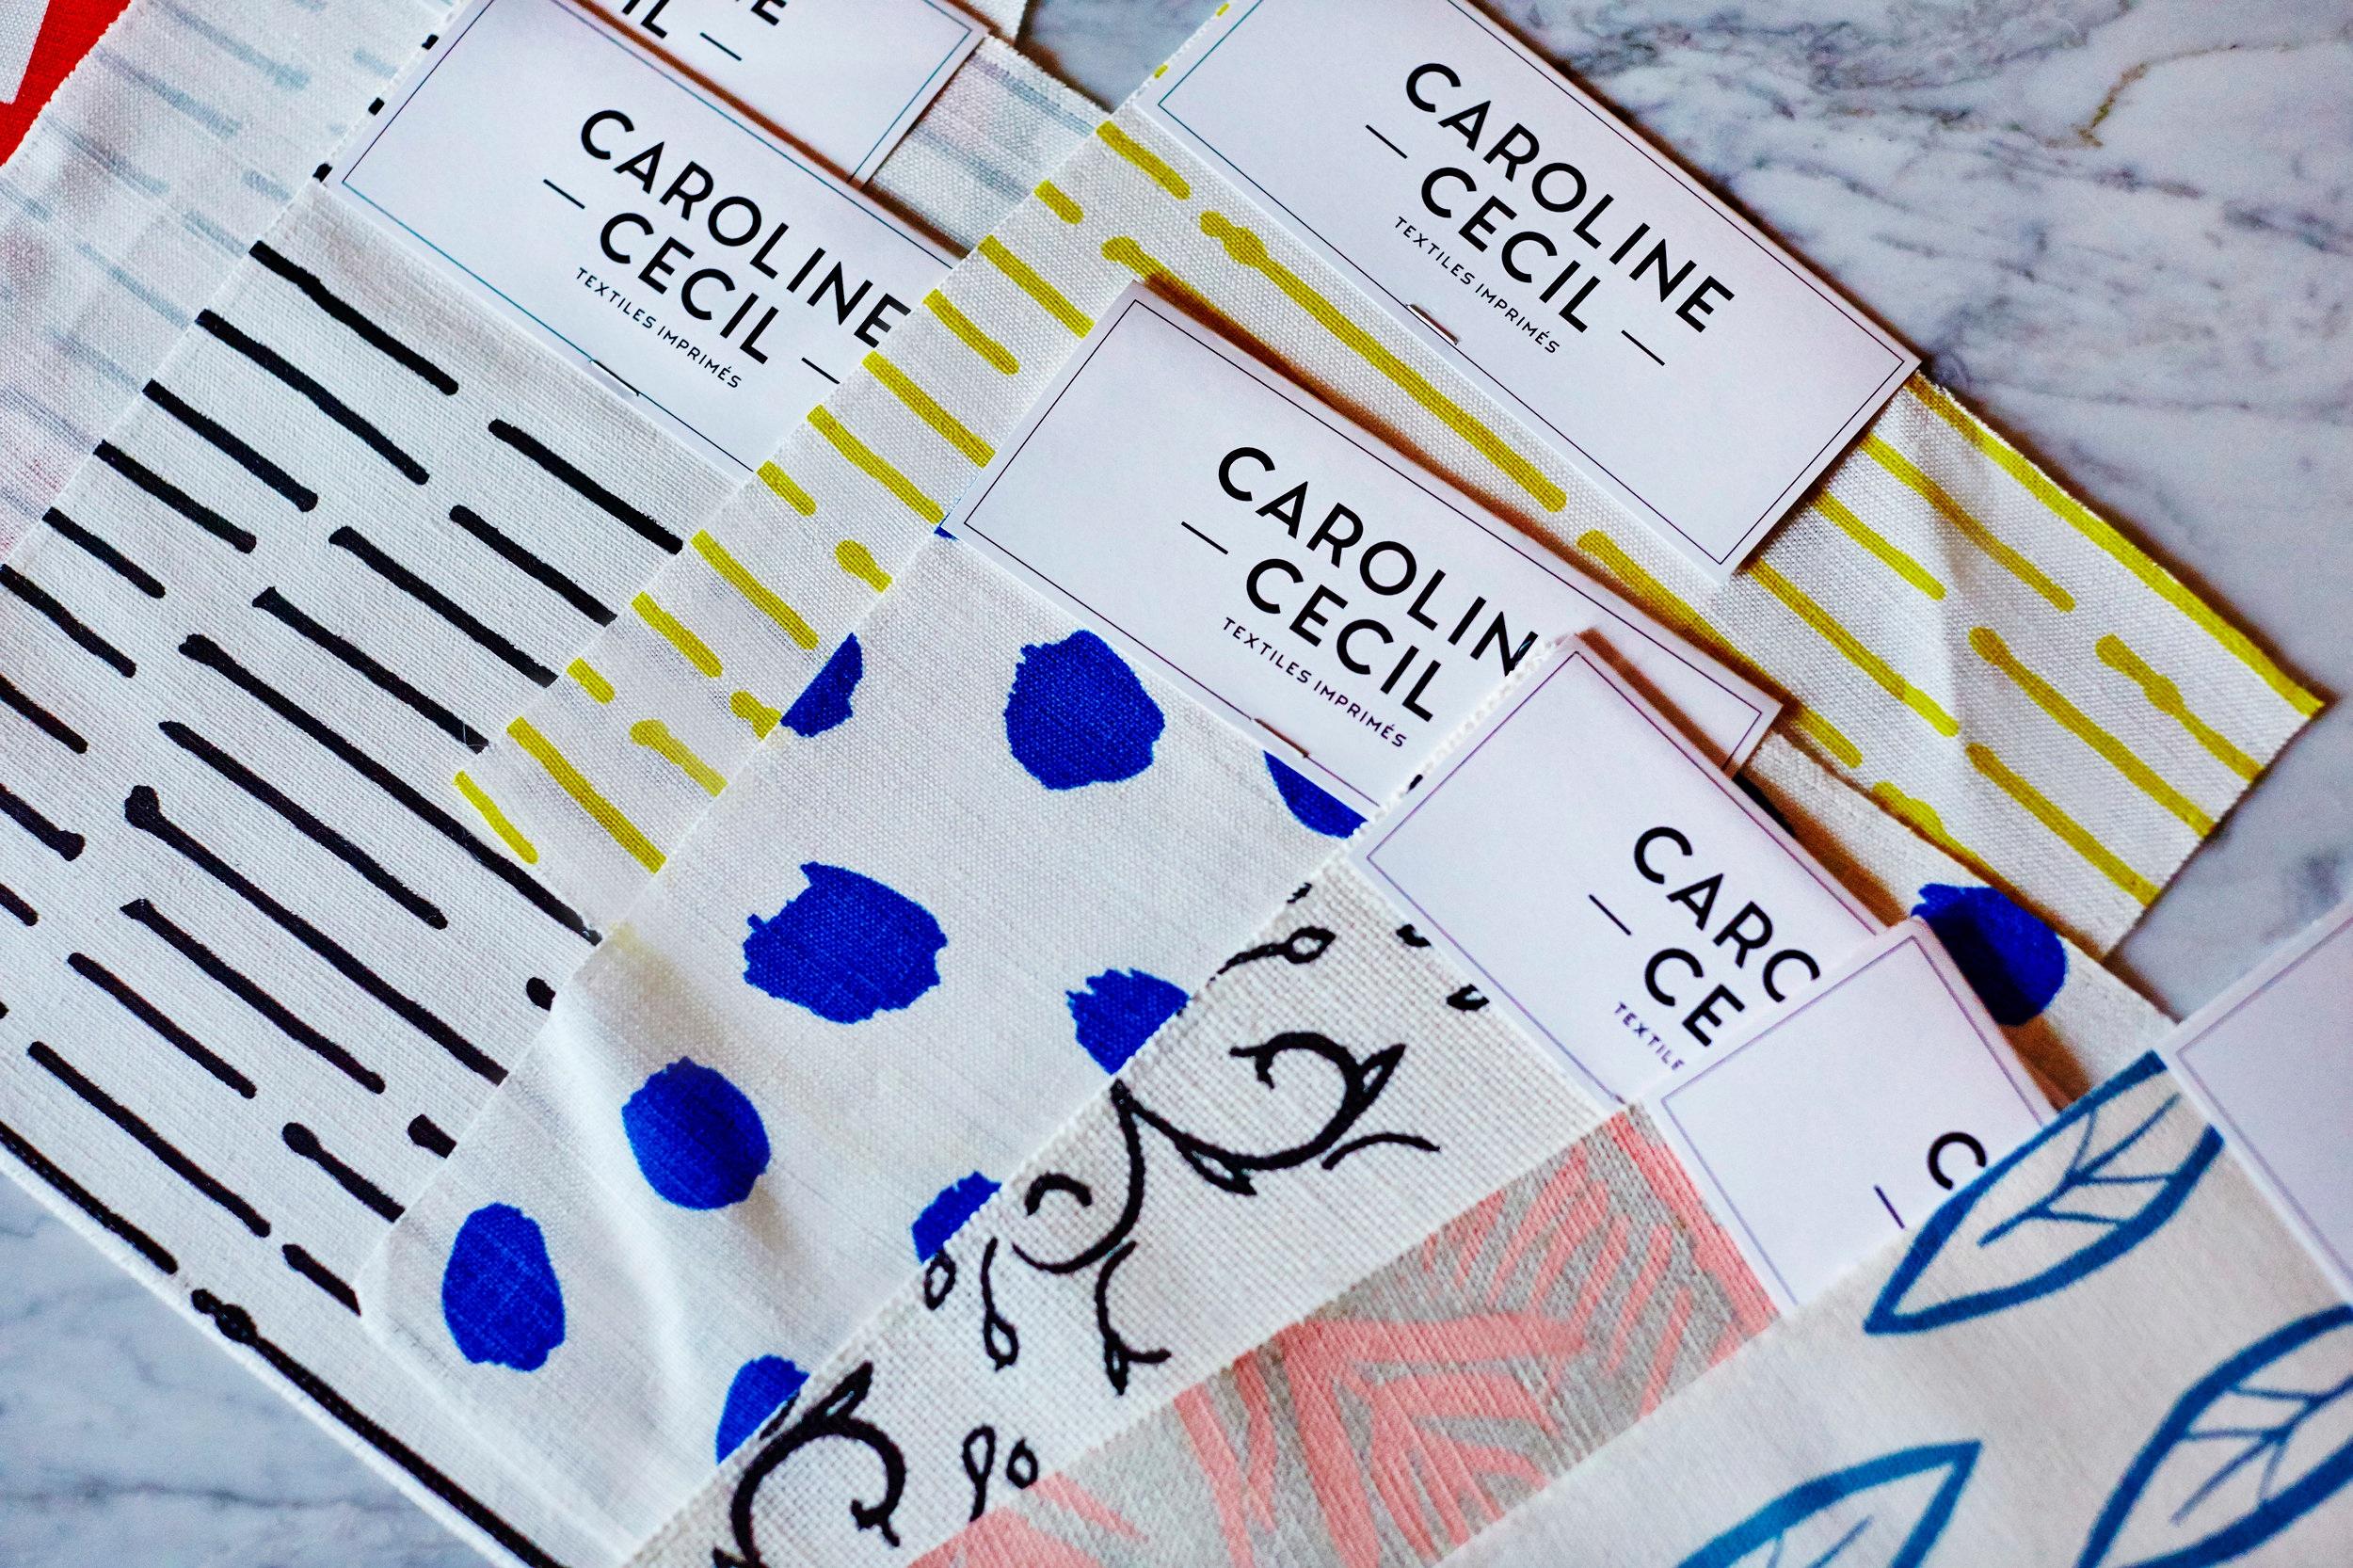 REVELE Caroline Cecil Textiles Interior Design PR